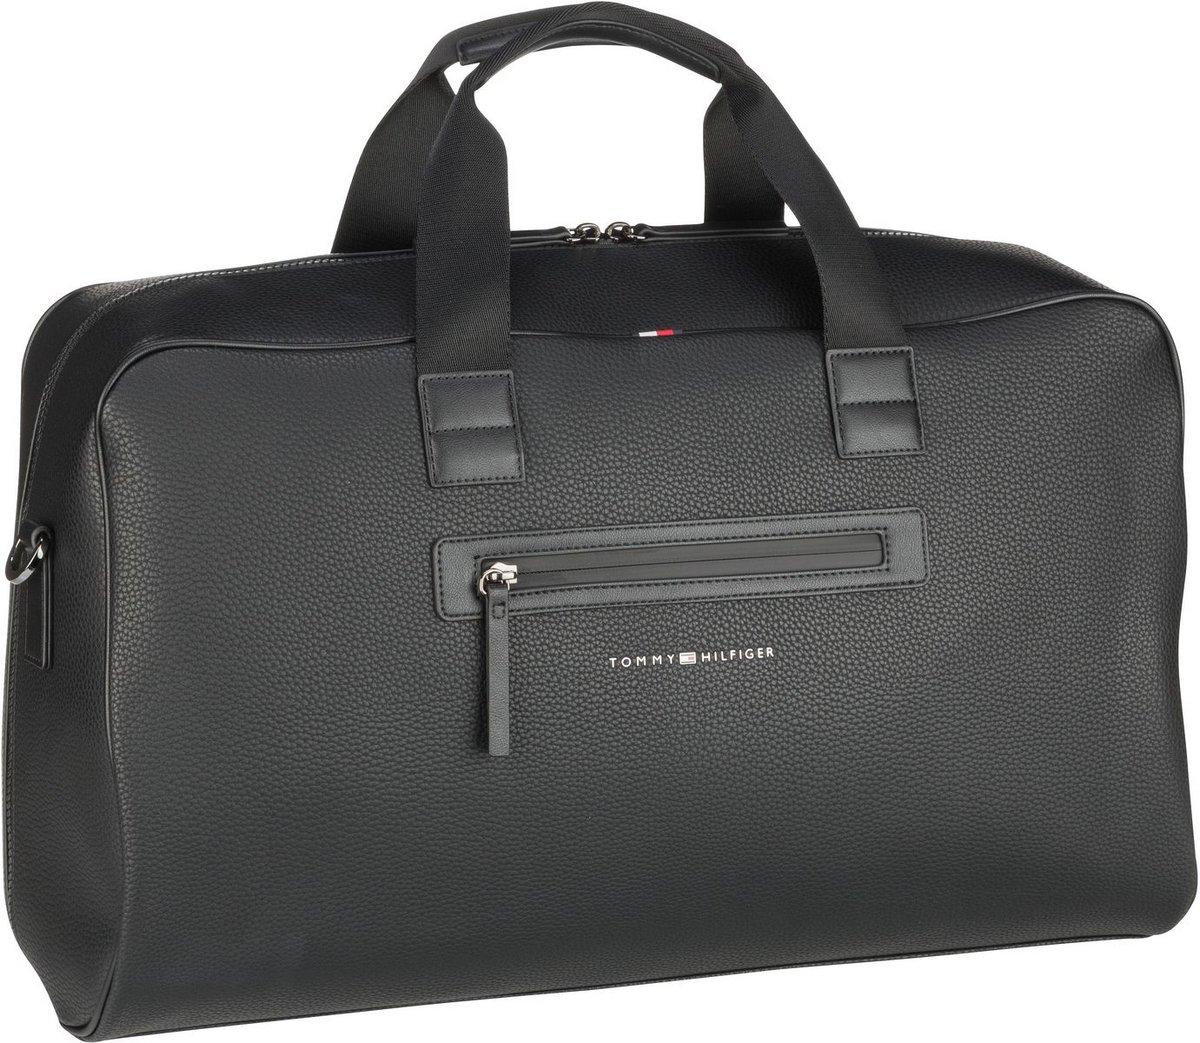 tommy hilfiger -  Reisetasche Essential PU Weekender SP21 Black (38.4 Liter)